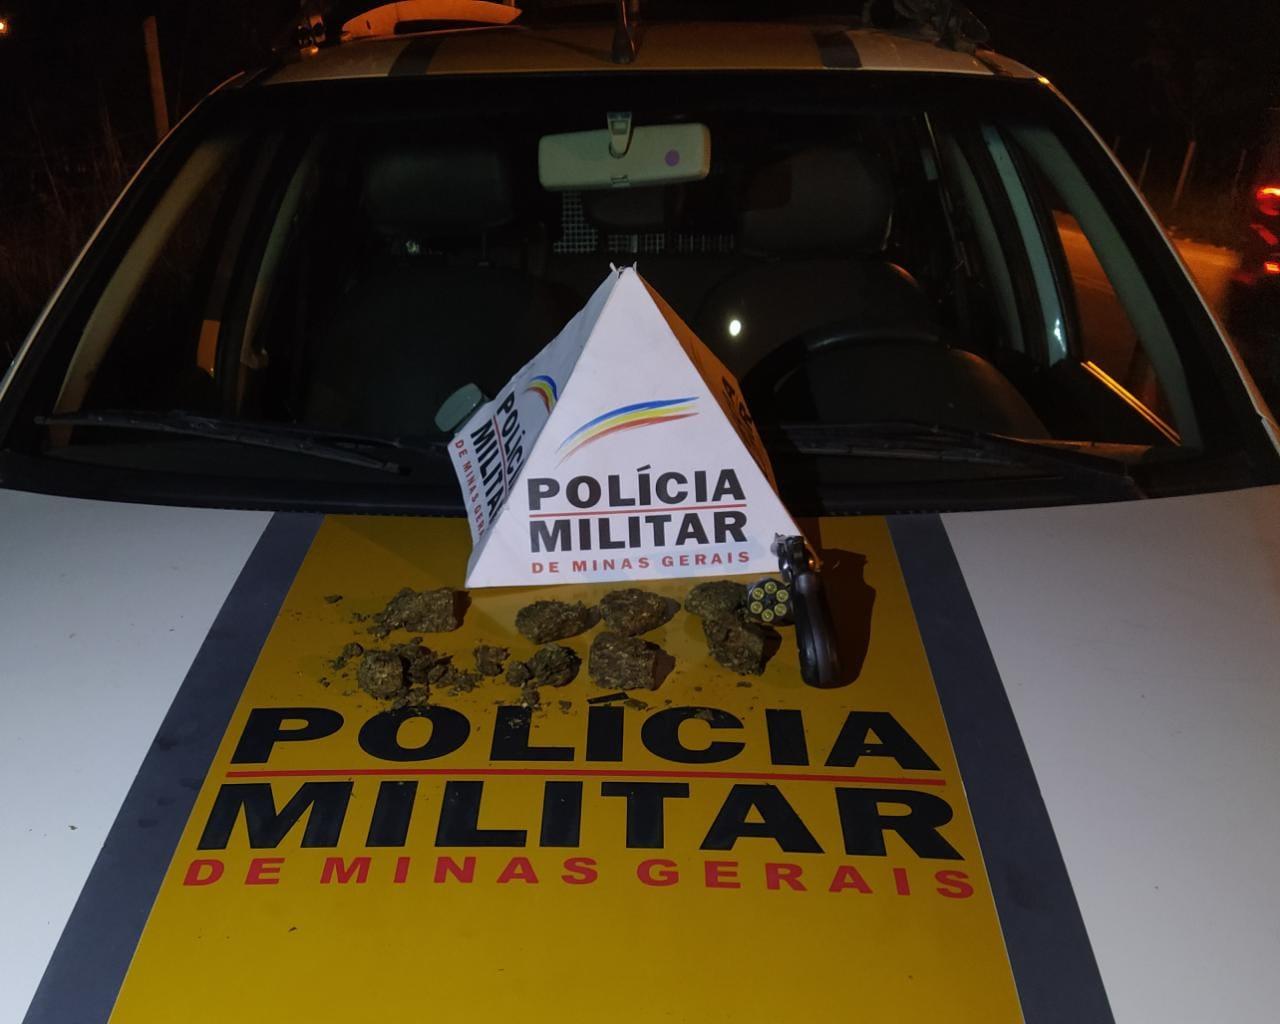 POLÍCIA MILITAR RODOVIÁRIA PRENDE 3 SUSPEITOS COM DROGAS E ARMA NA BR 259